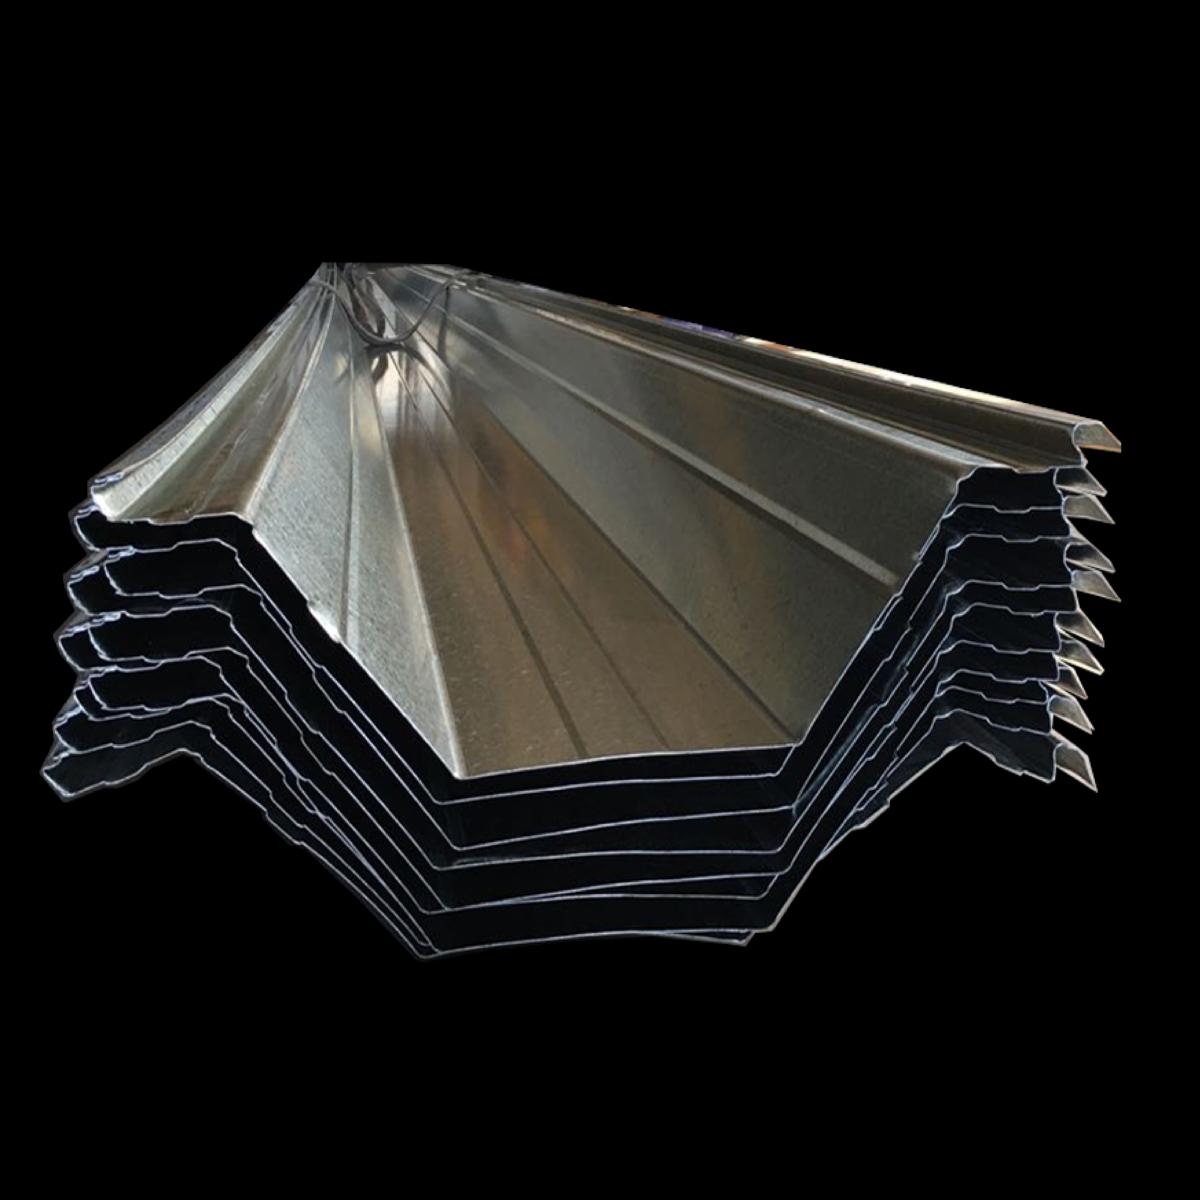 Cubierta Autoportante Recta de chapa de acero Ternium